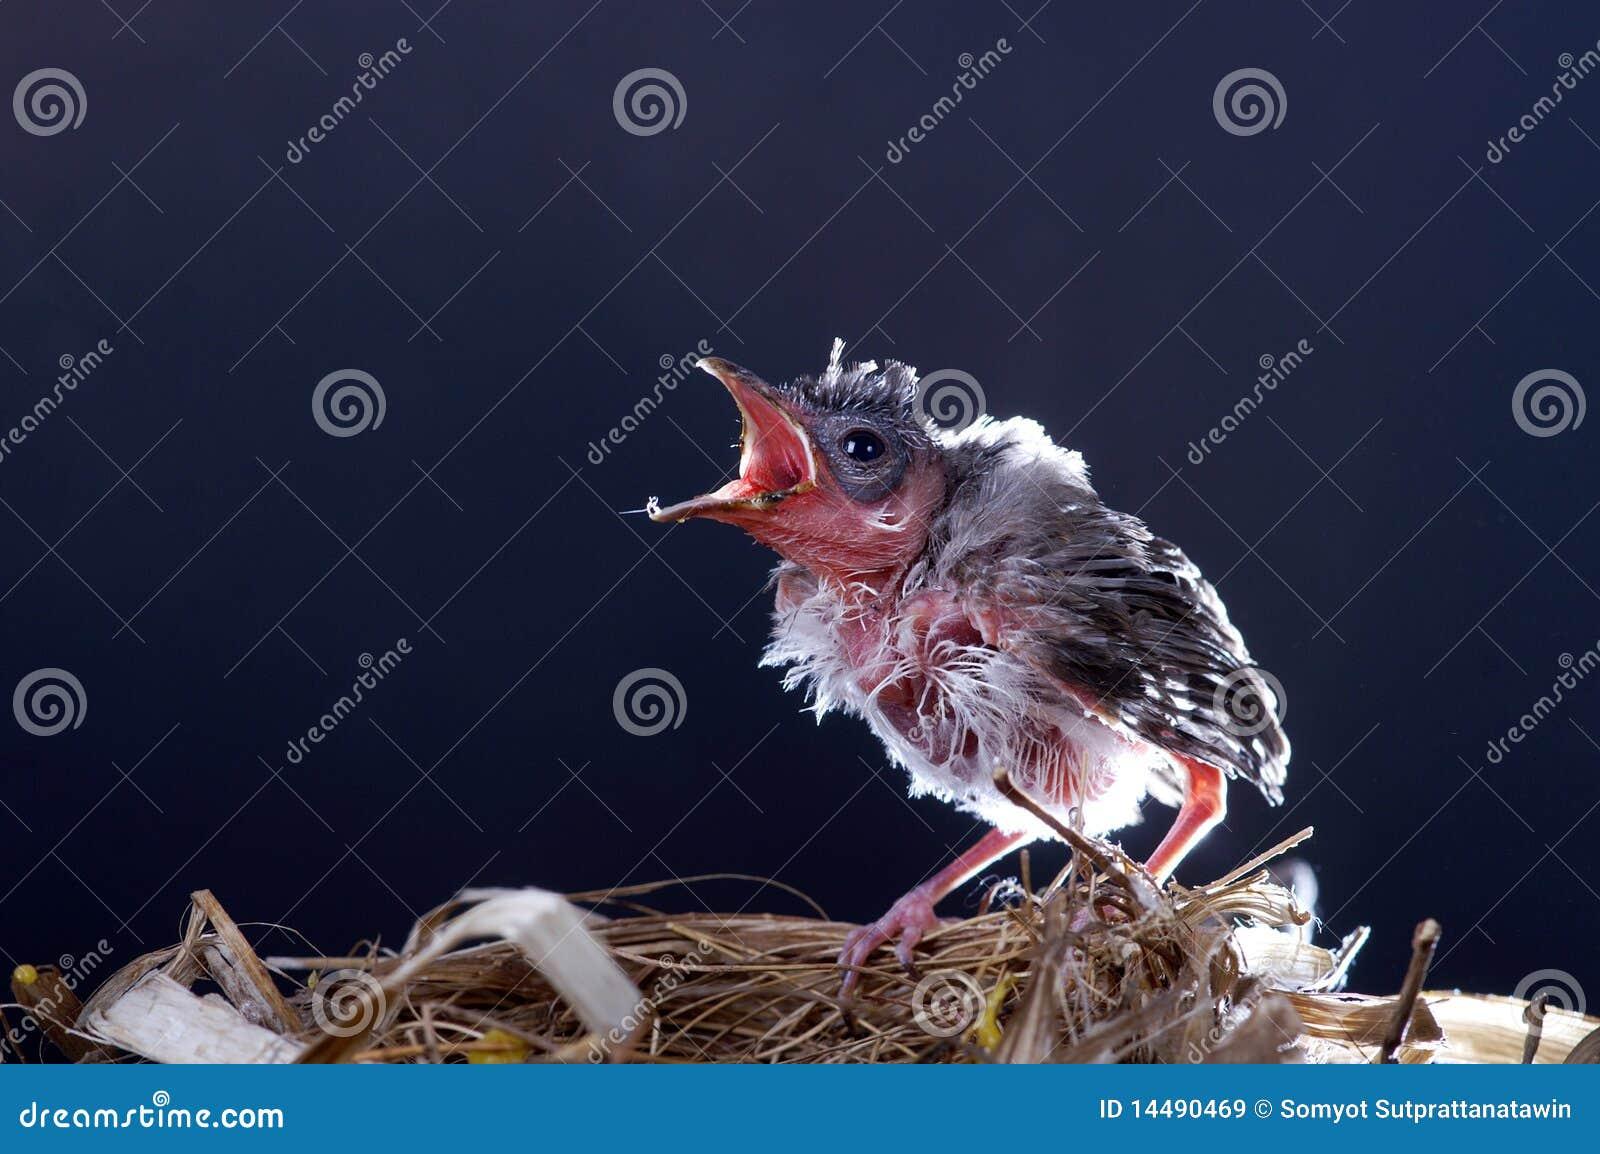 Bird black background